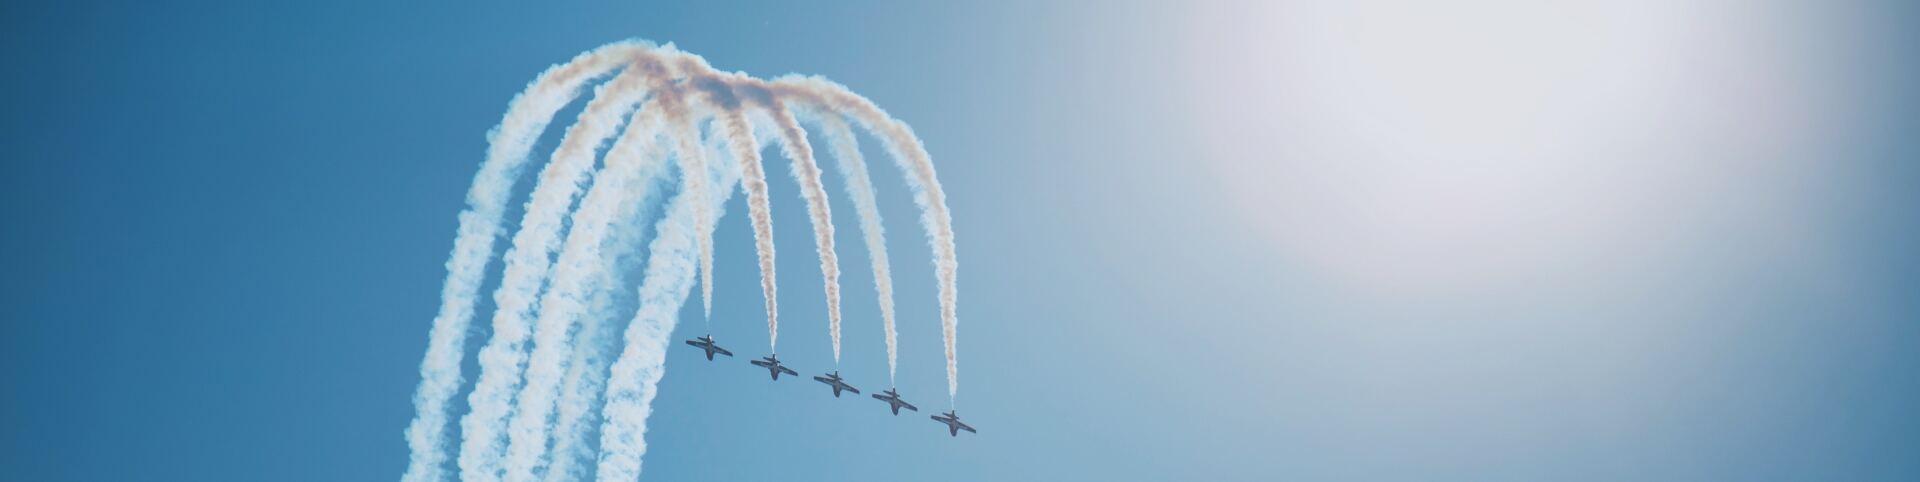 Snowbirds Performing Aerial Acrobatics